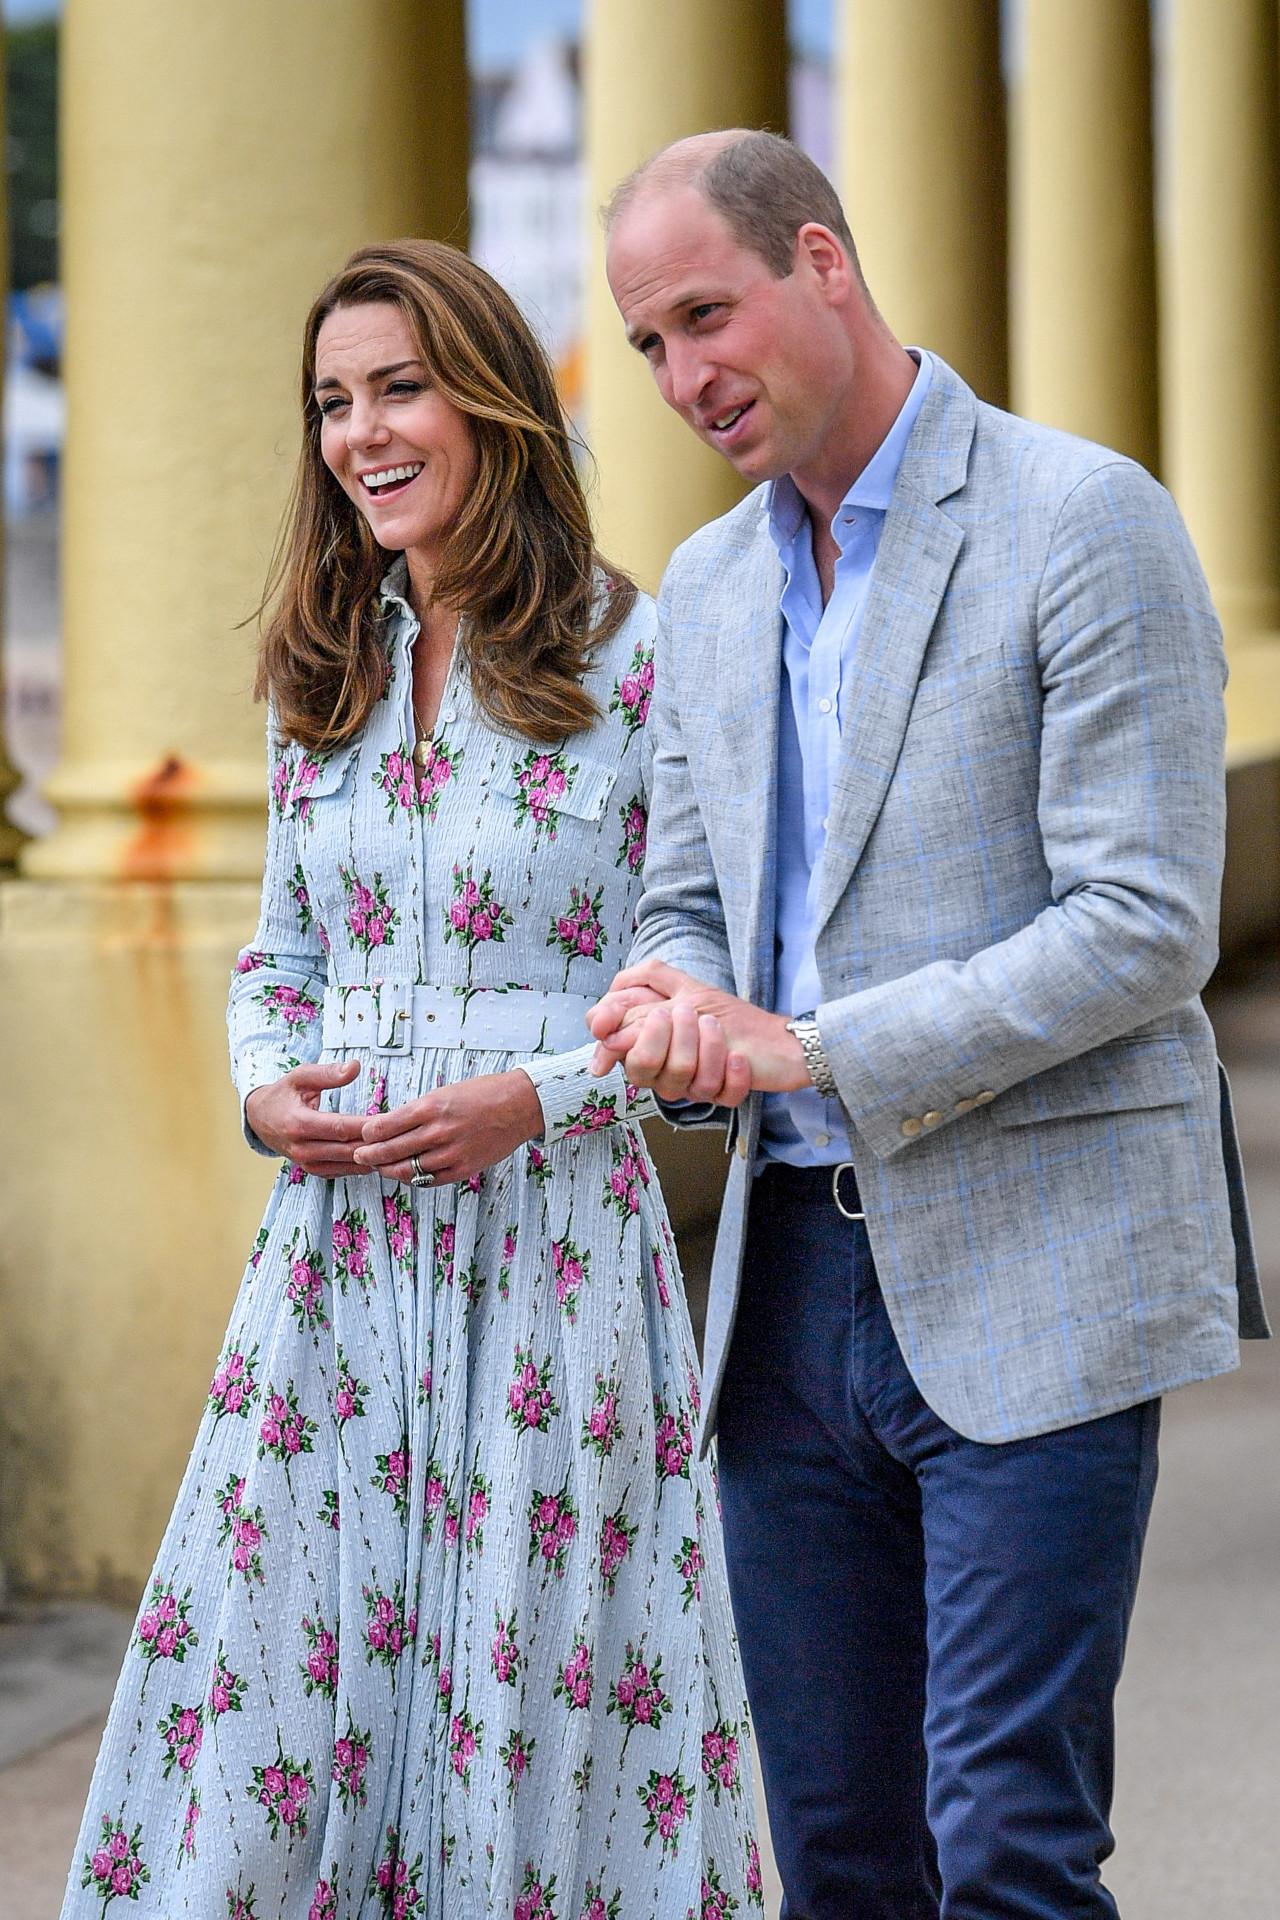 Księżna Kate z księciem Williamem na oficjalnym wystąpieniu.